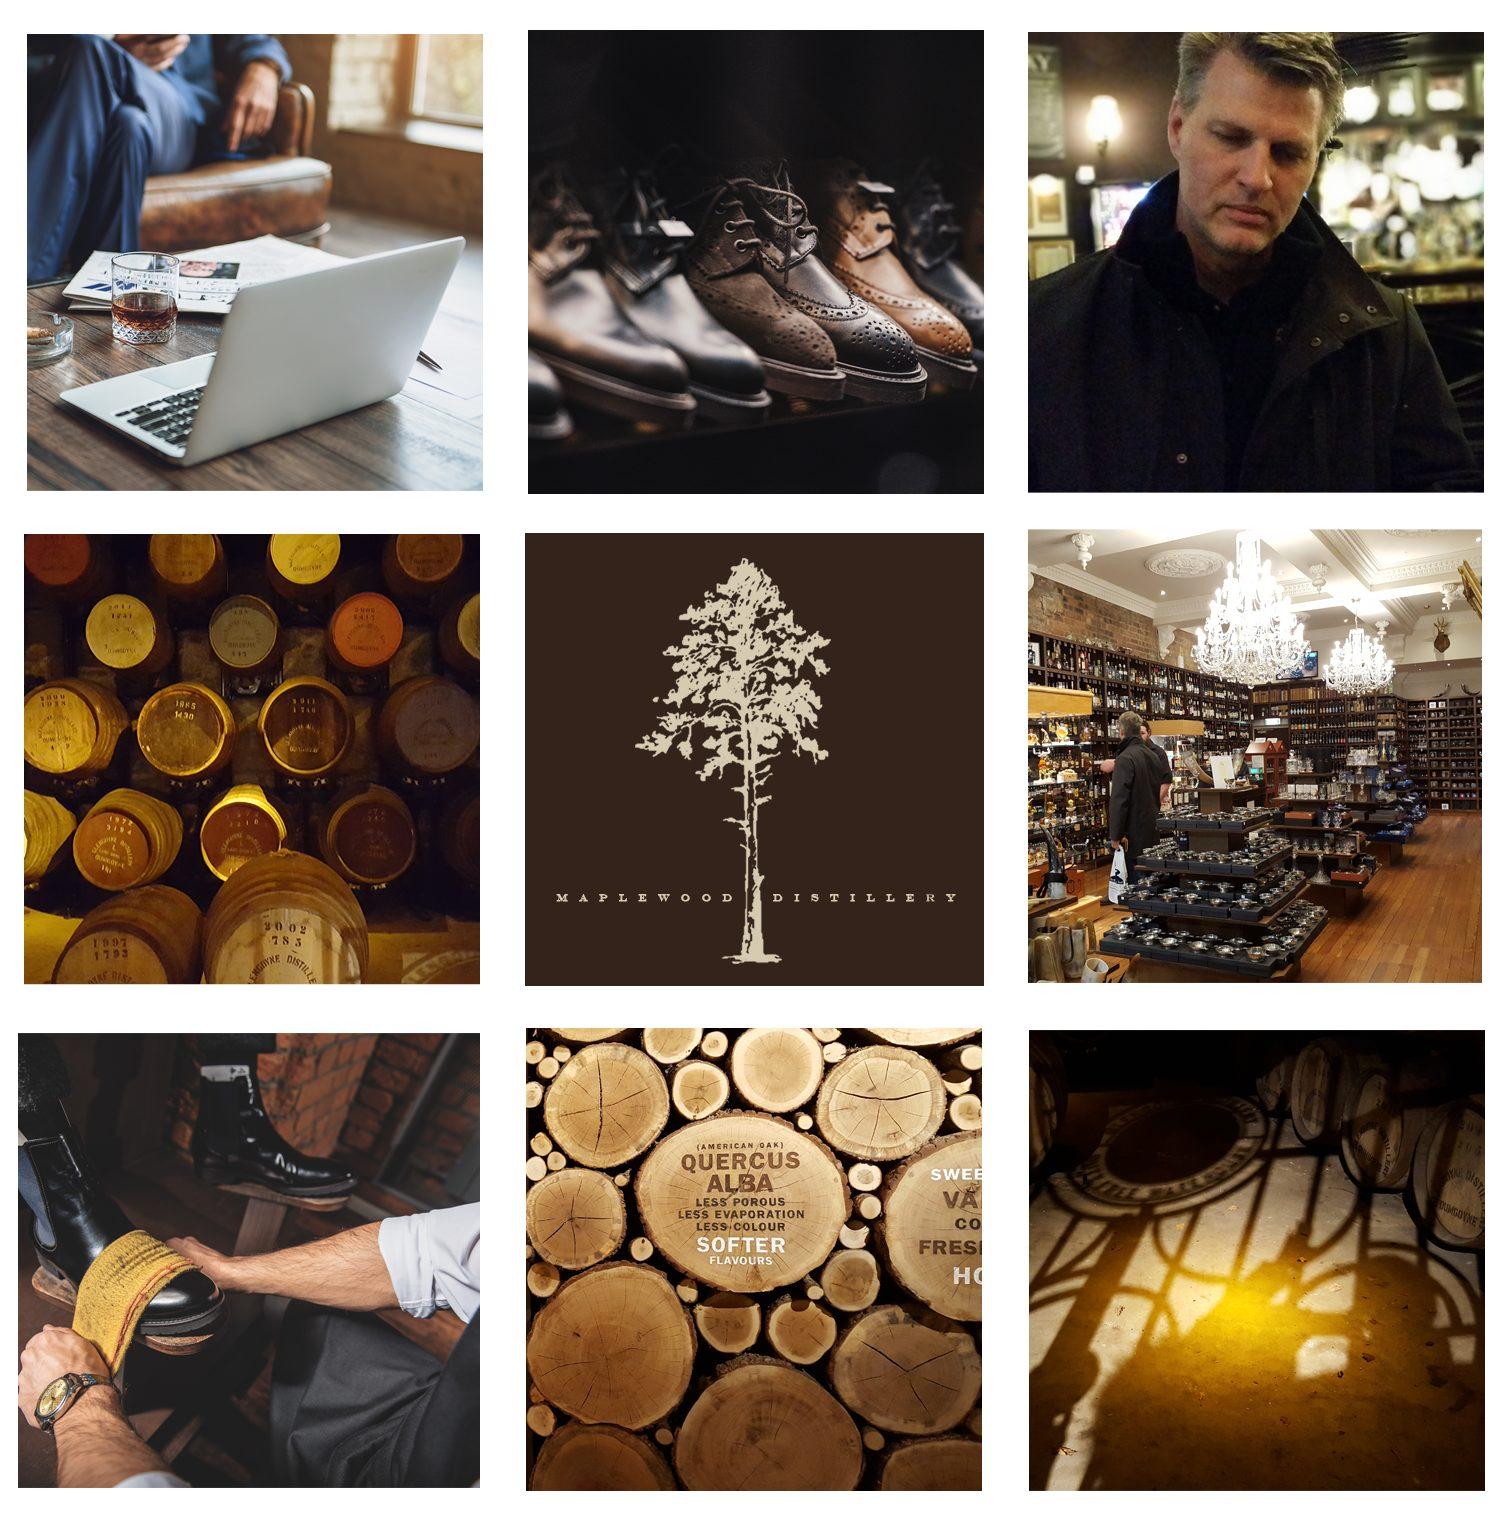 Oliver-Spence-Maplewood-Distillery-Instagram